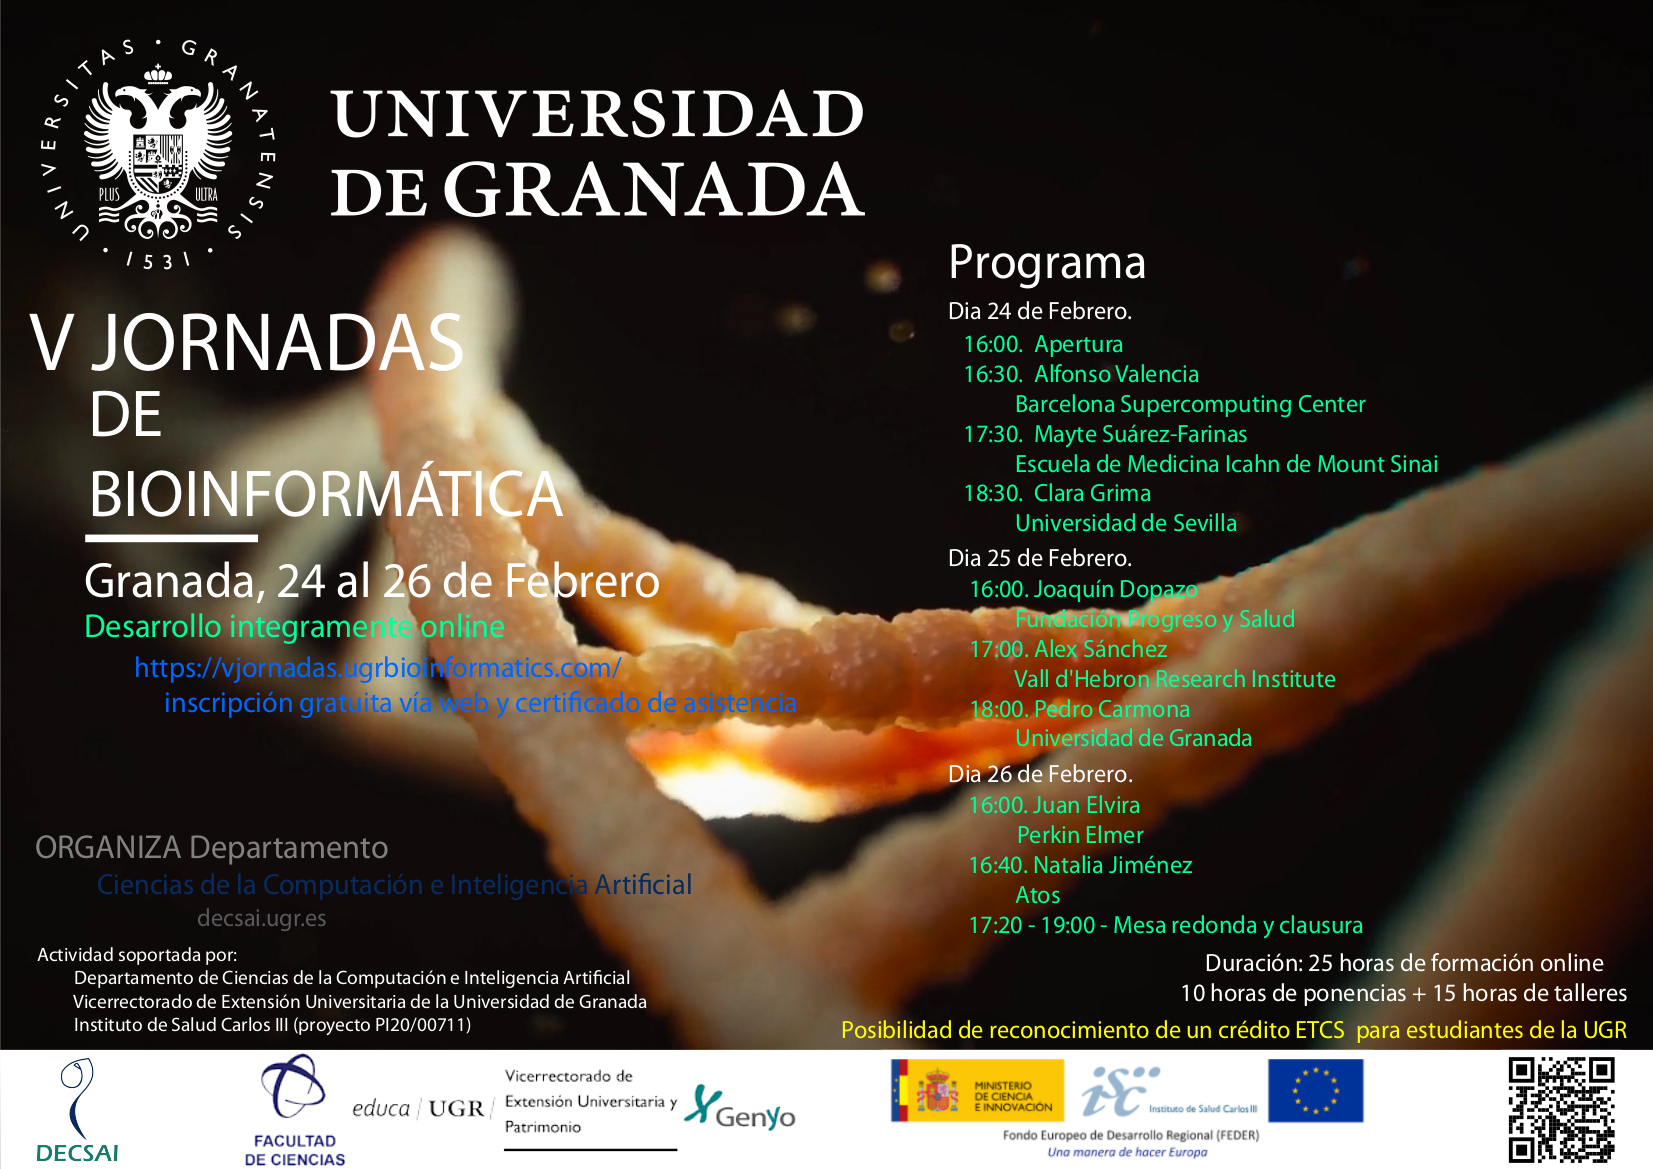 La Universidad de Granada celebra sus V Jornadas de Bioinformática